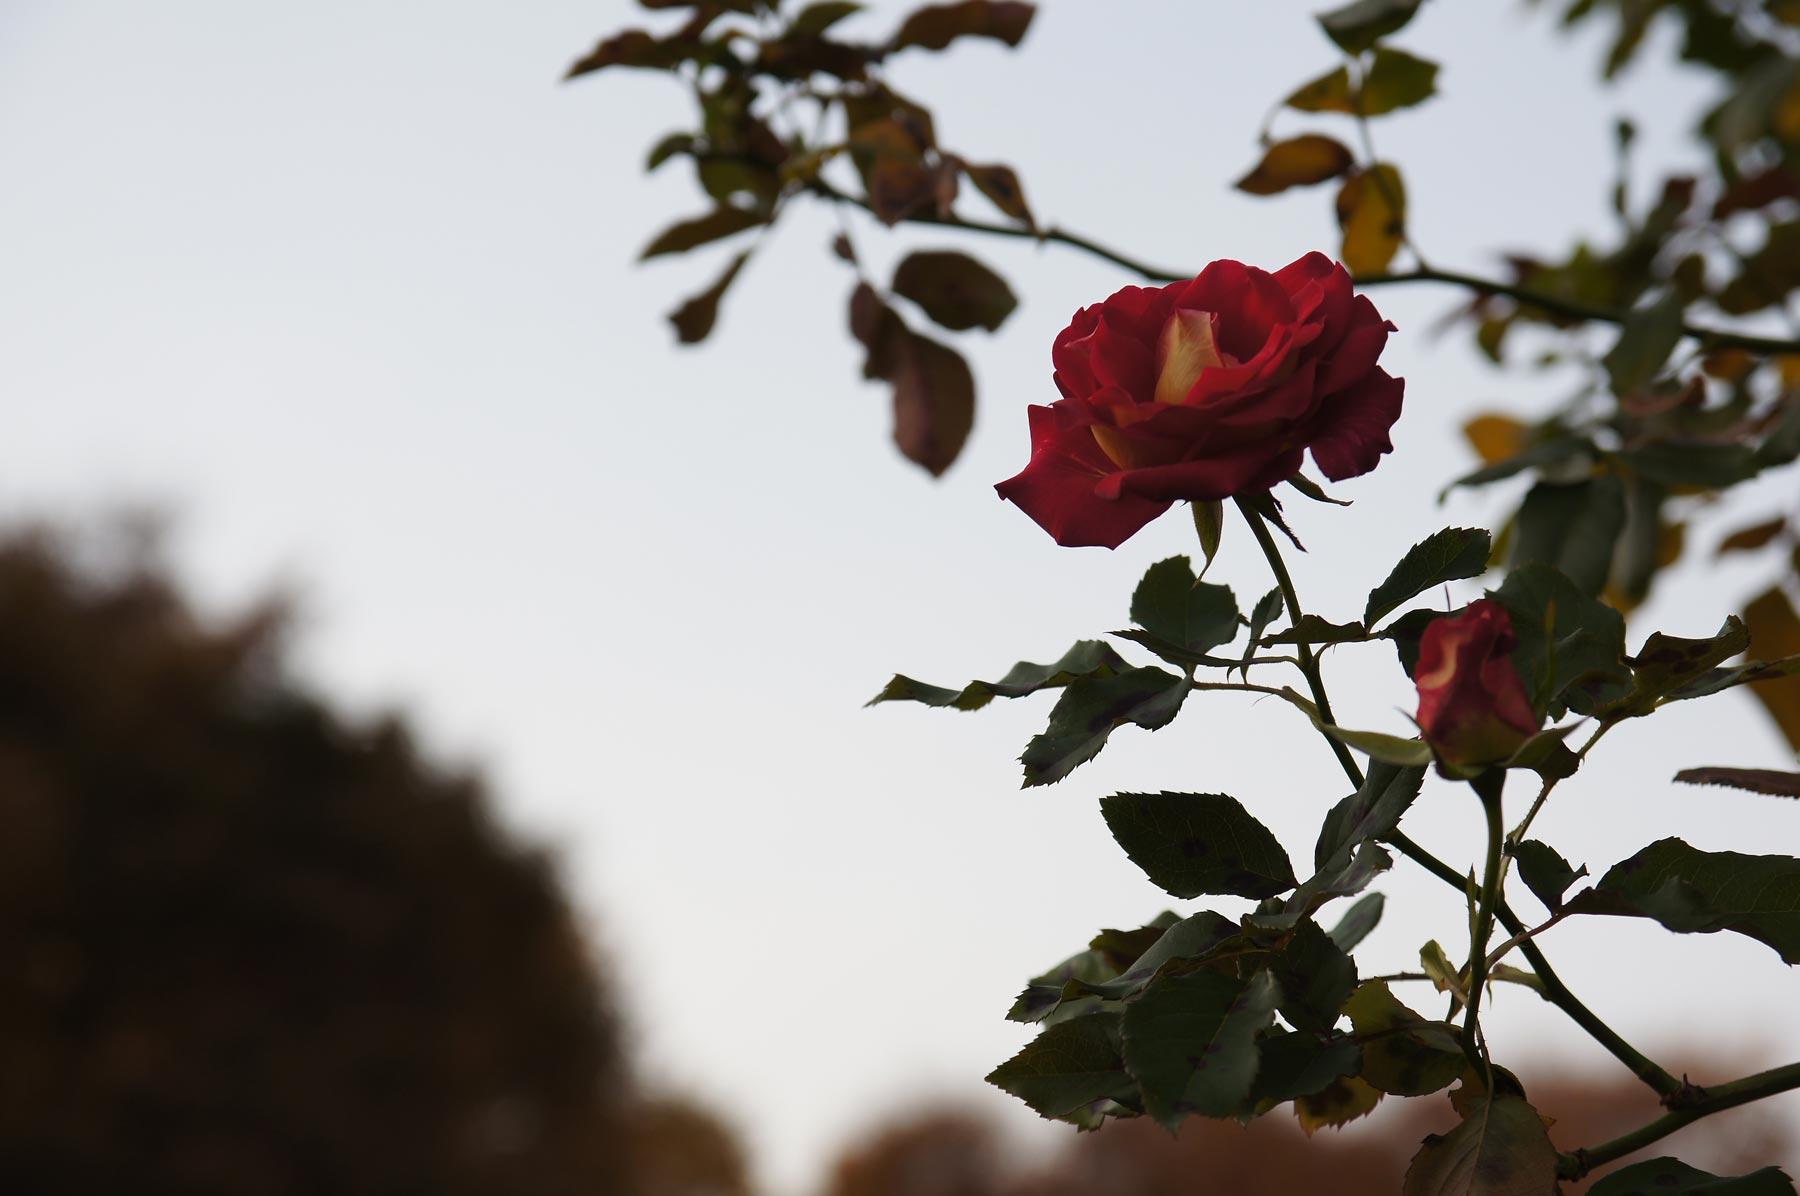 rose 3_e0216133_084026.jpg